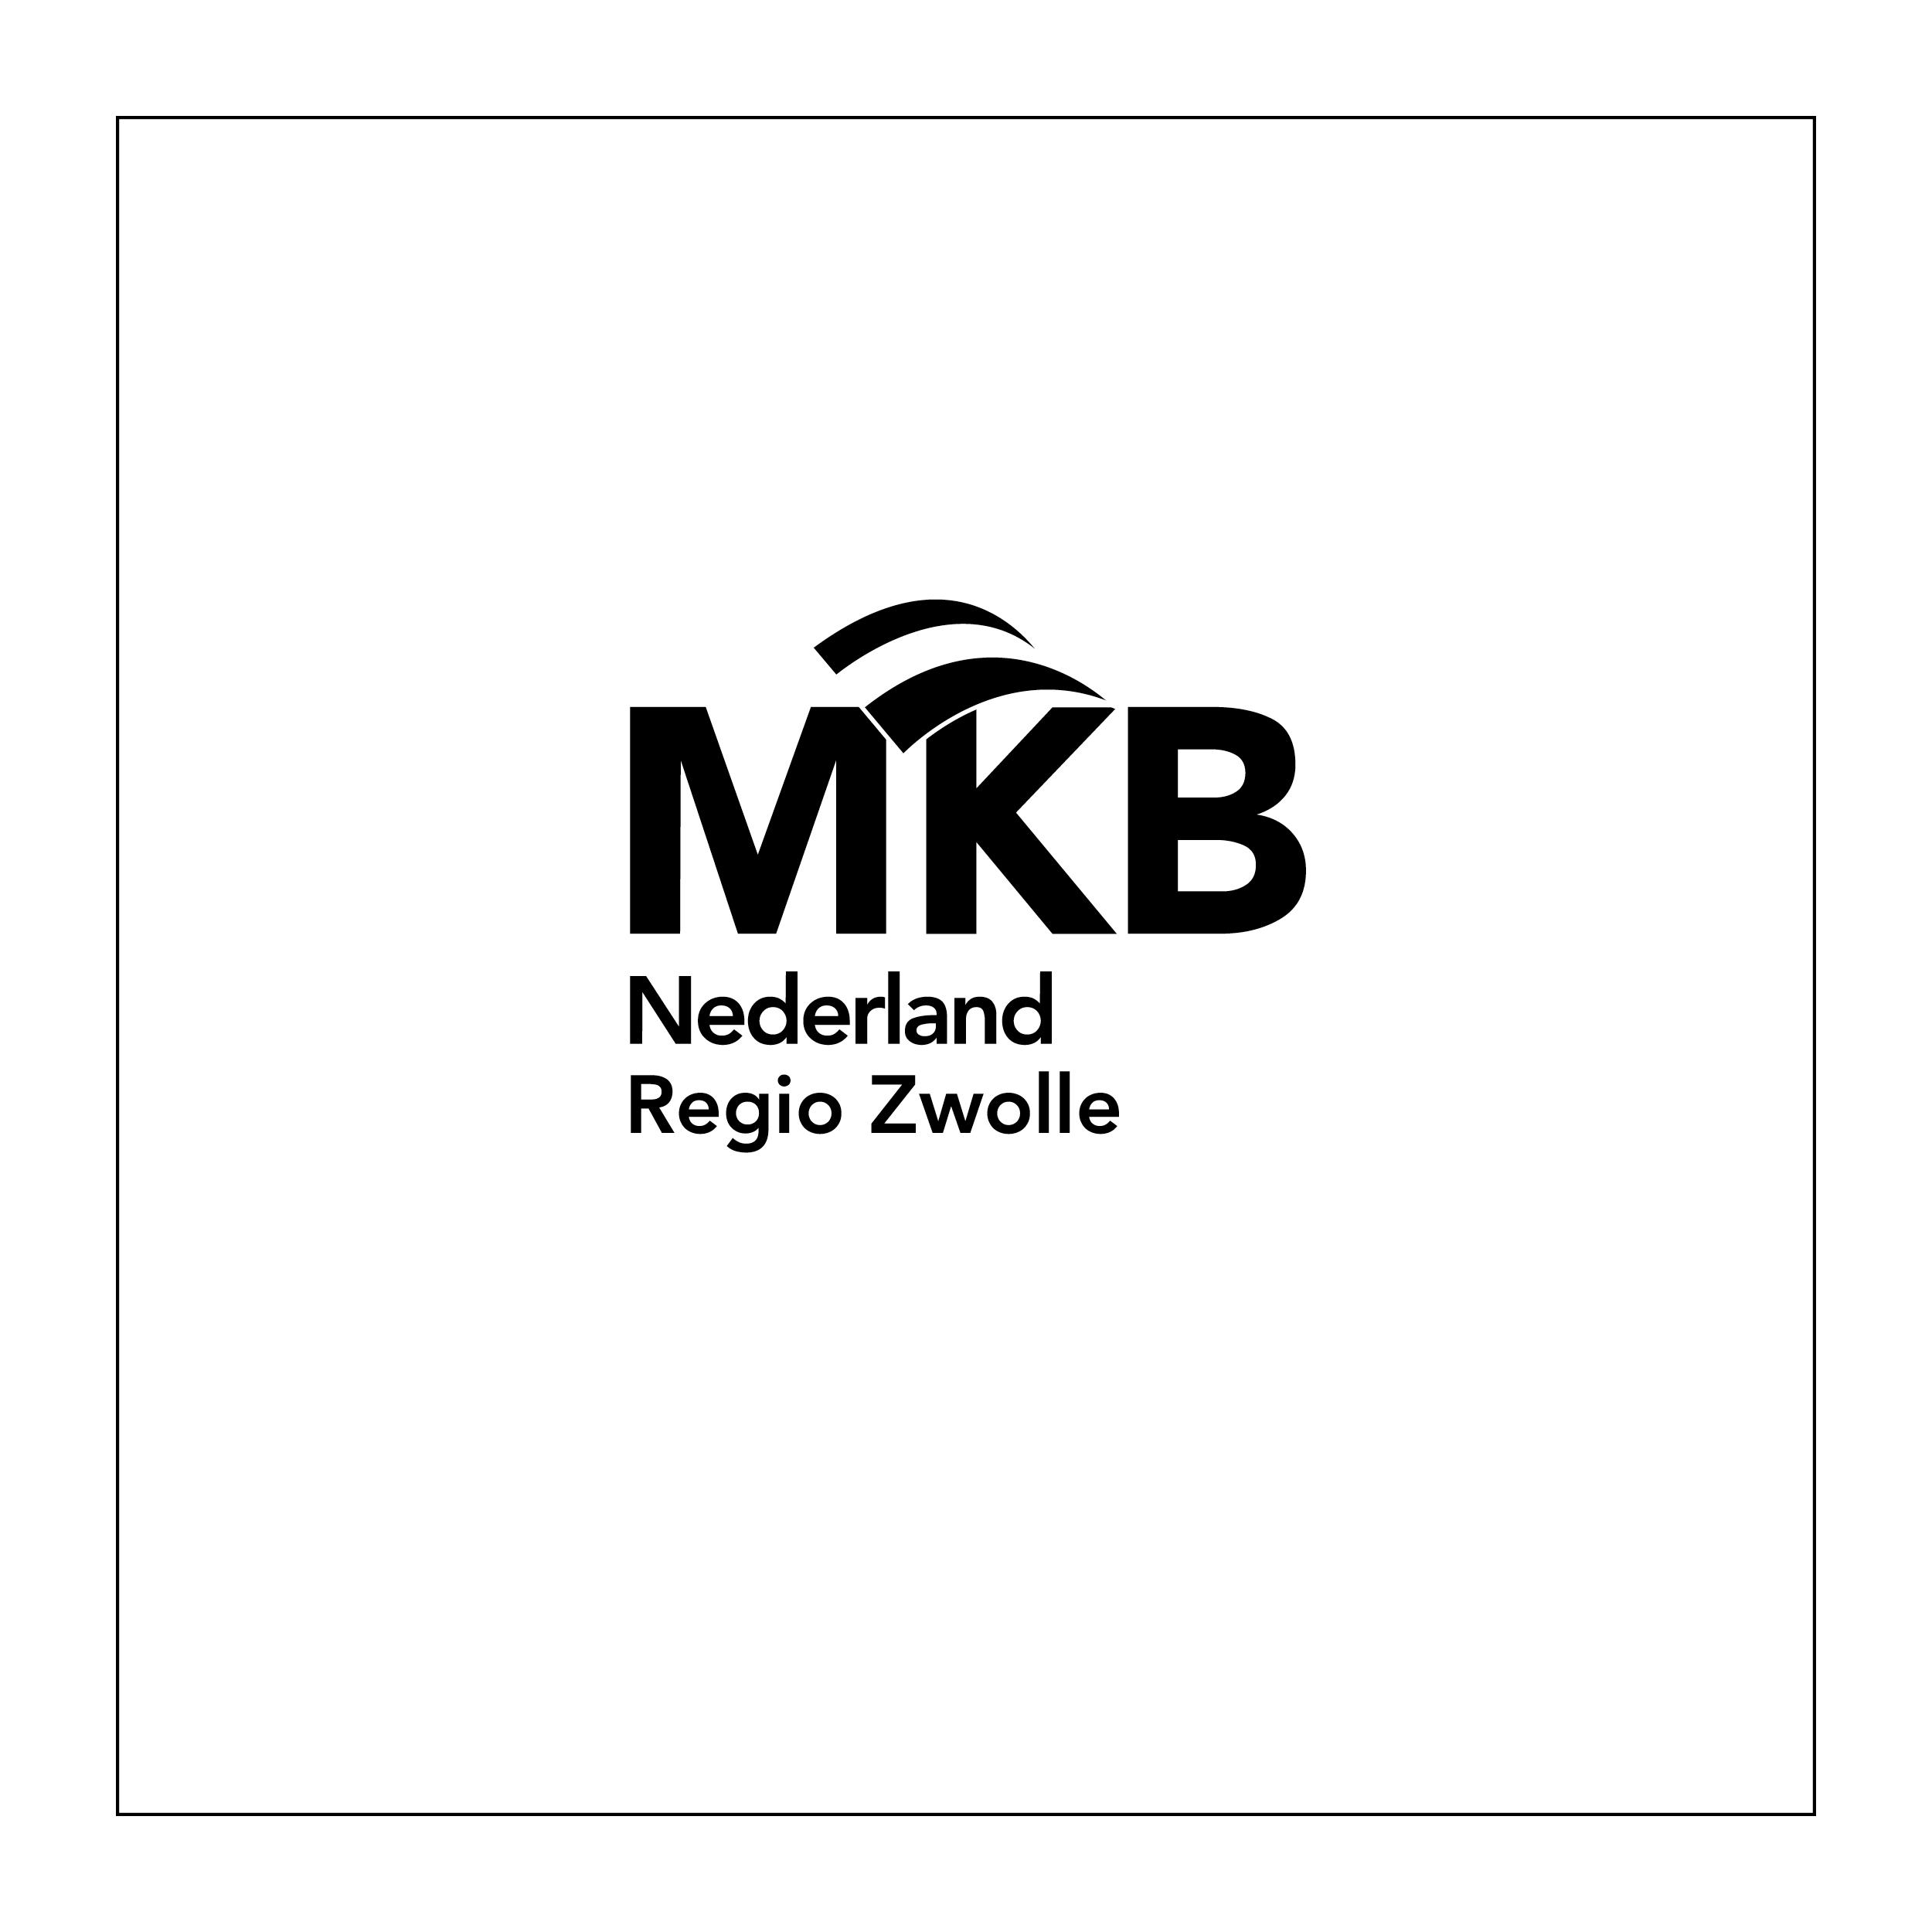 mkb regio zwolle